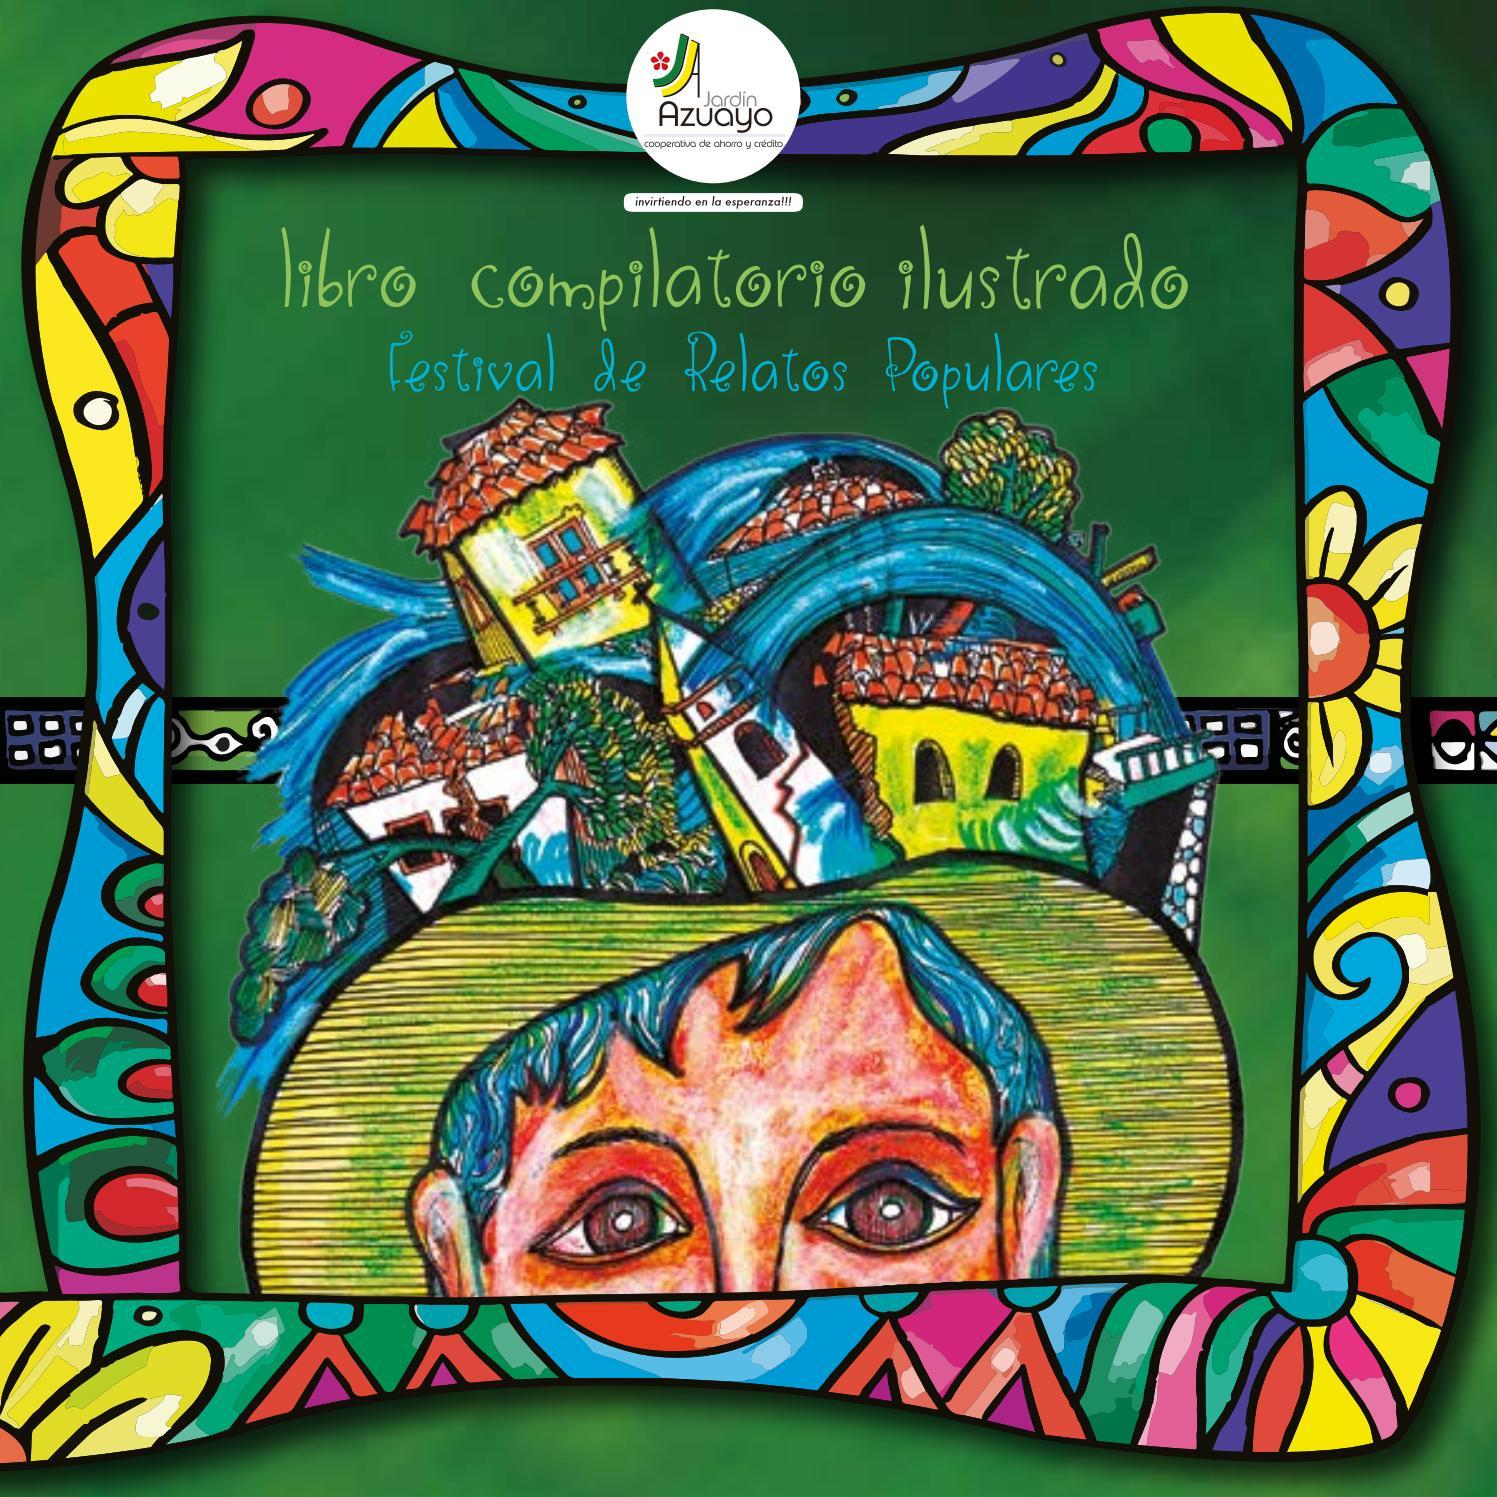 02149840f Festival de relatos populares jardin azuyao 2016 by jardinazuayo - issuu